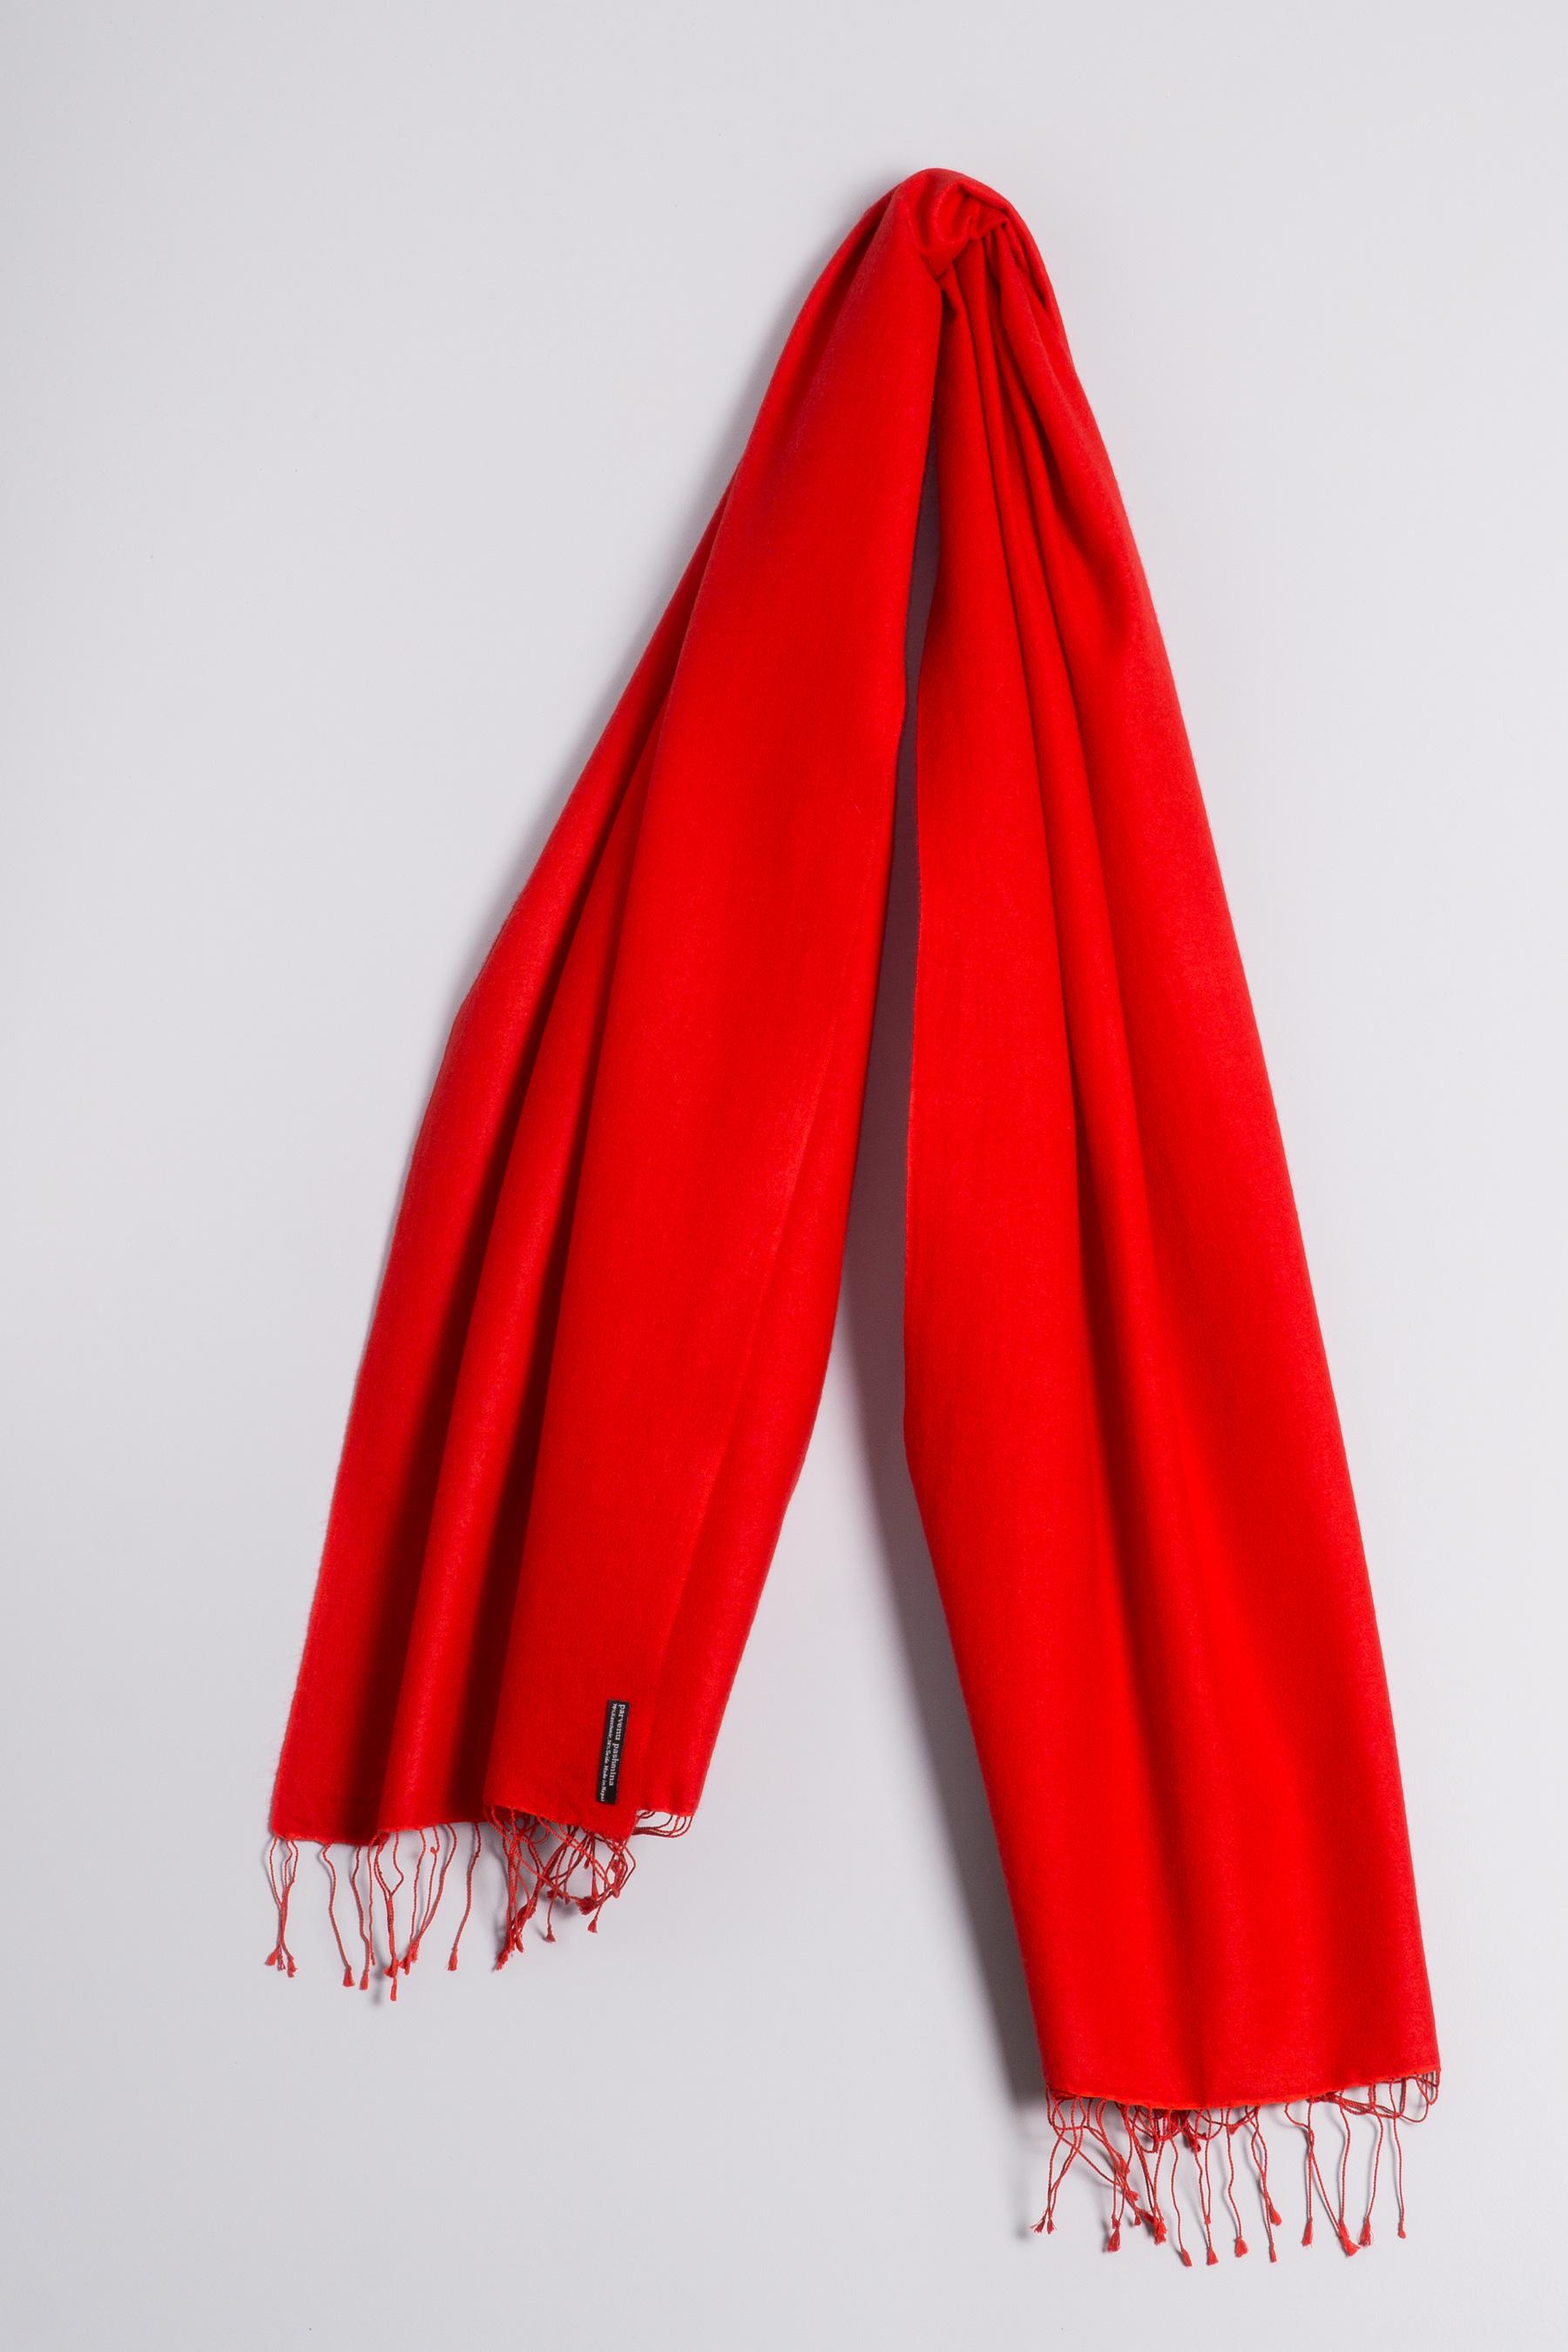 440d0be57f8579 Pashmina 70x200cm red | Pashmina 70% Cashmere Classic | Pashmina | Pashmina .de